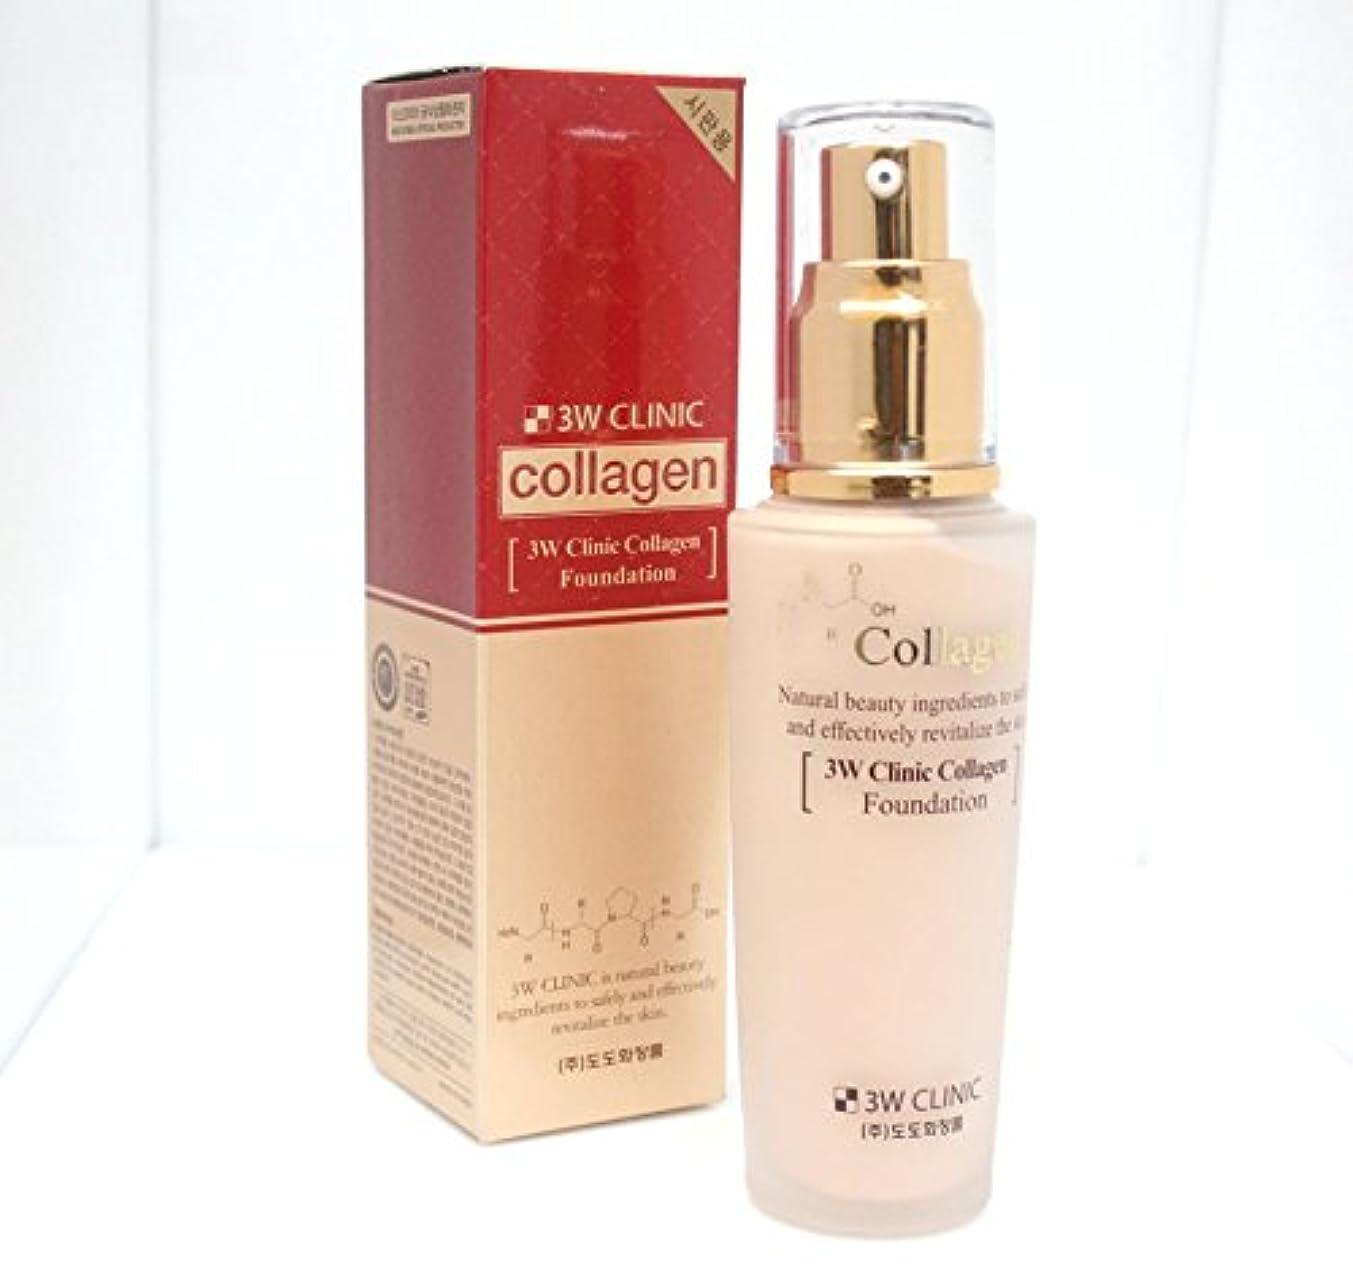 見つける赤虫を数える[3w Clinic]  コラーゲンファンデーション50ml / Collagen Foundation 50ml/ パーフェクトカバーBBクリーム / 21クリアベージュ / Perfect Cover BB Cream / #21 Clear Beige / 韓国化粧品 / Korean Cosmetics [並行輸入品]